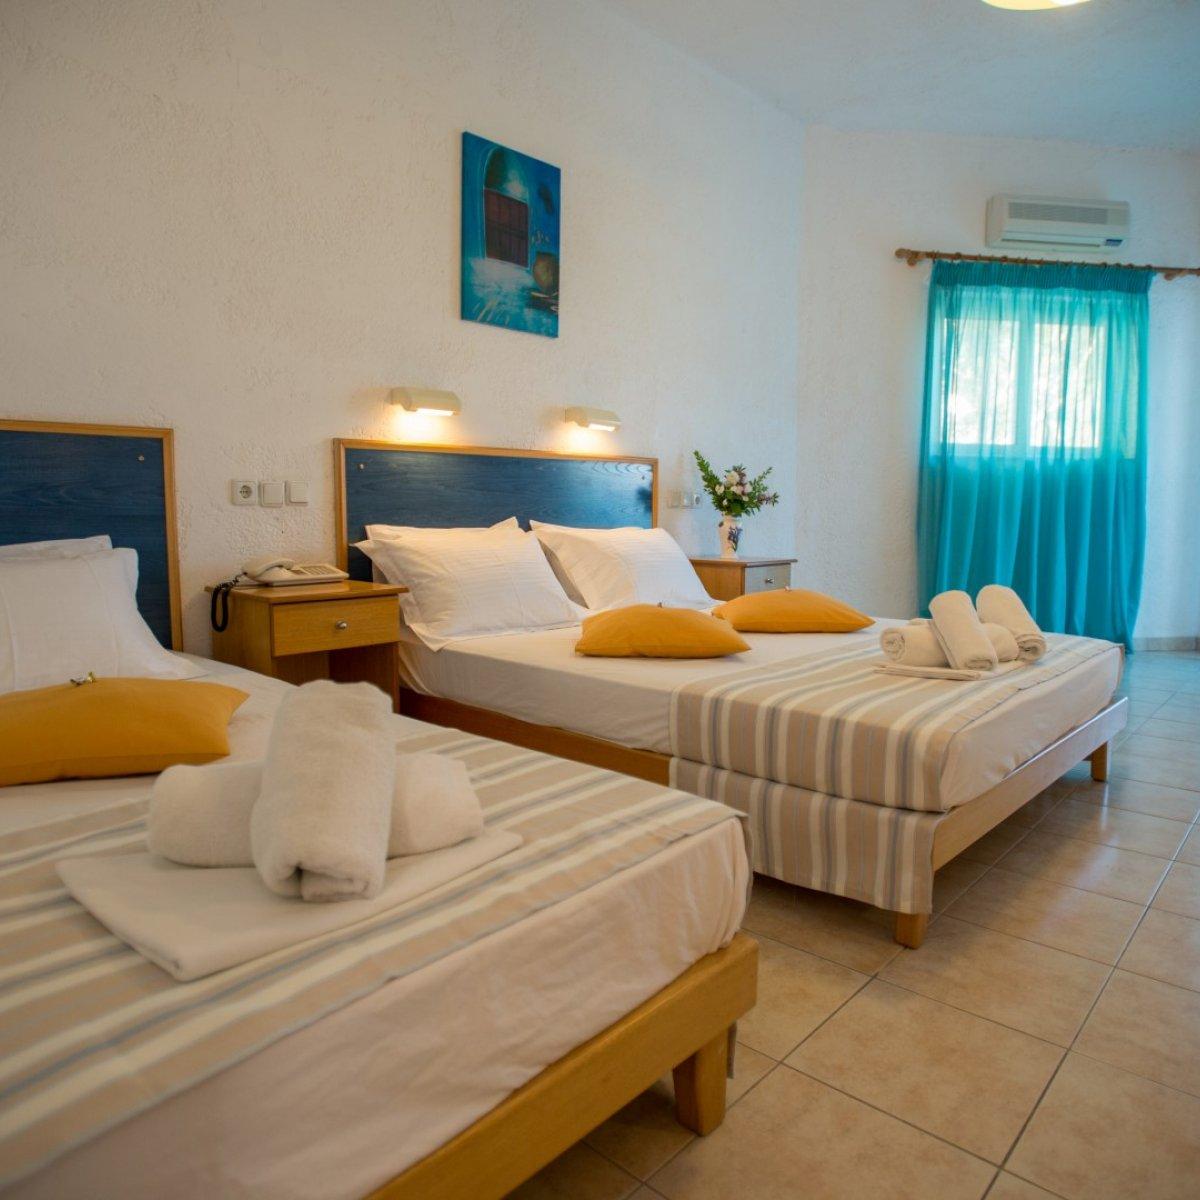 Hotel Neos Ikaros - Family Room